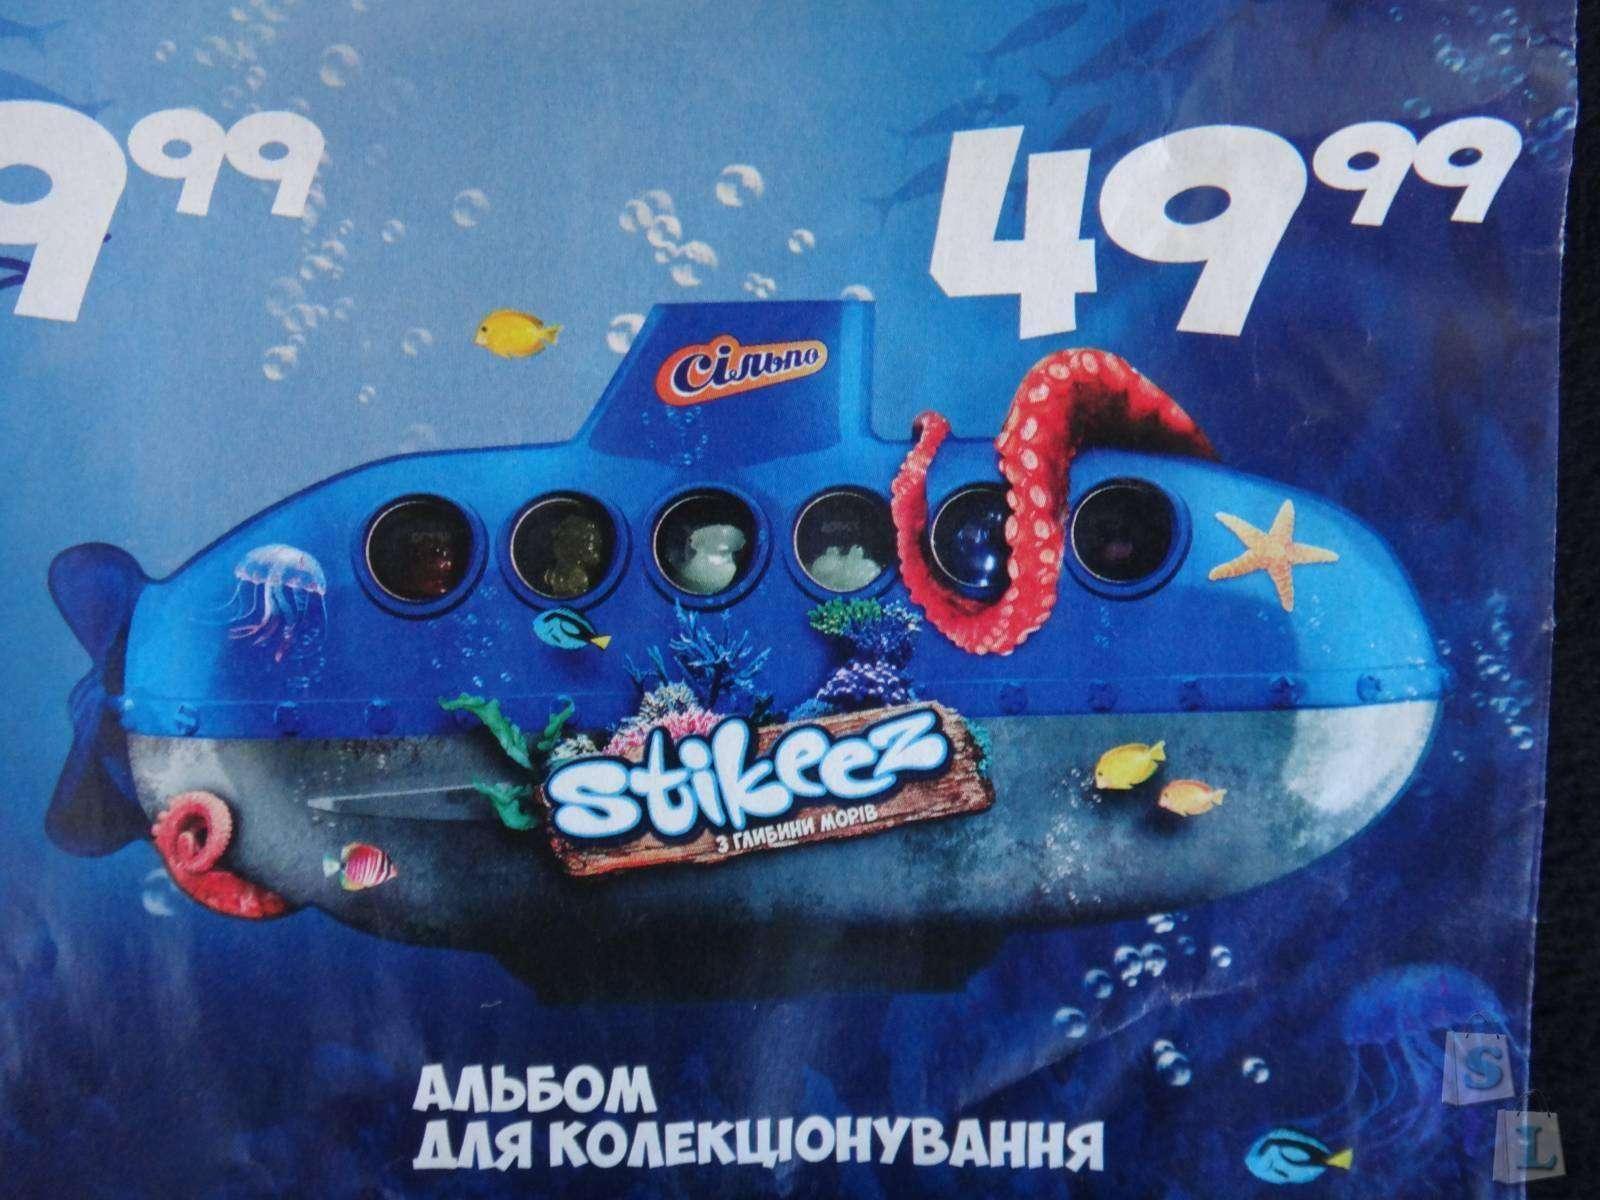 Стикез из глубины морей или новая подводная коллекция Stikeez в Сильпо